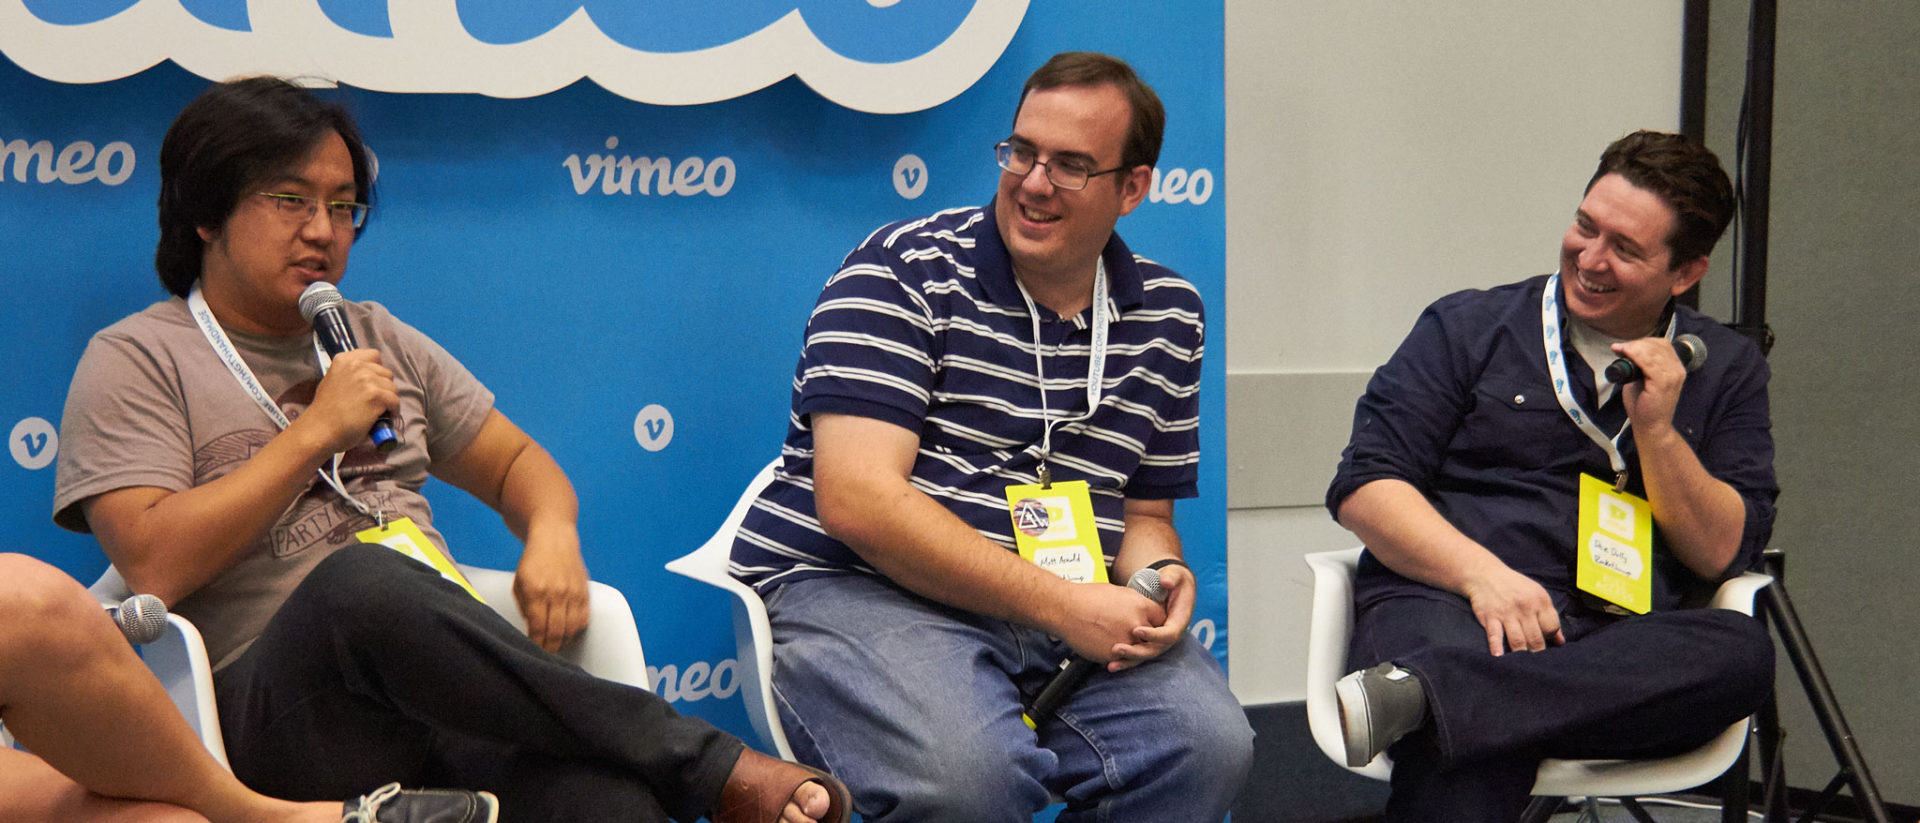 RocketJump at the Vimeo panel at VidCon